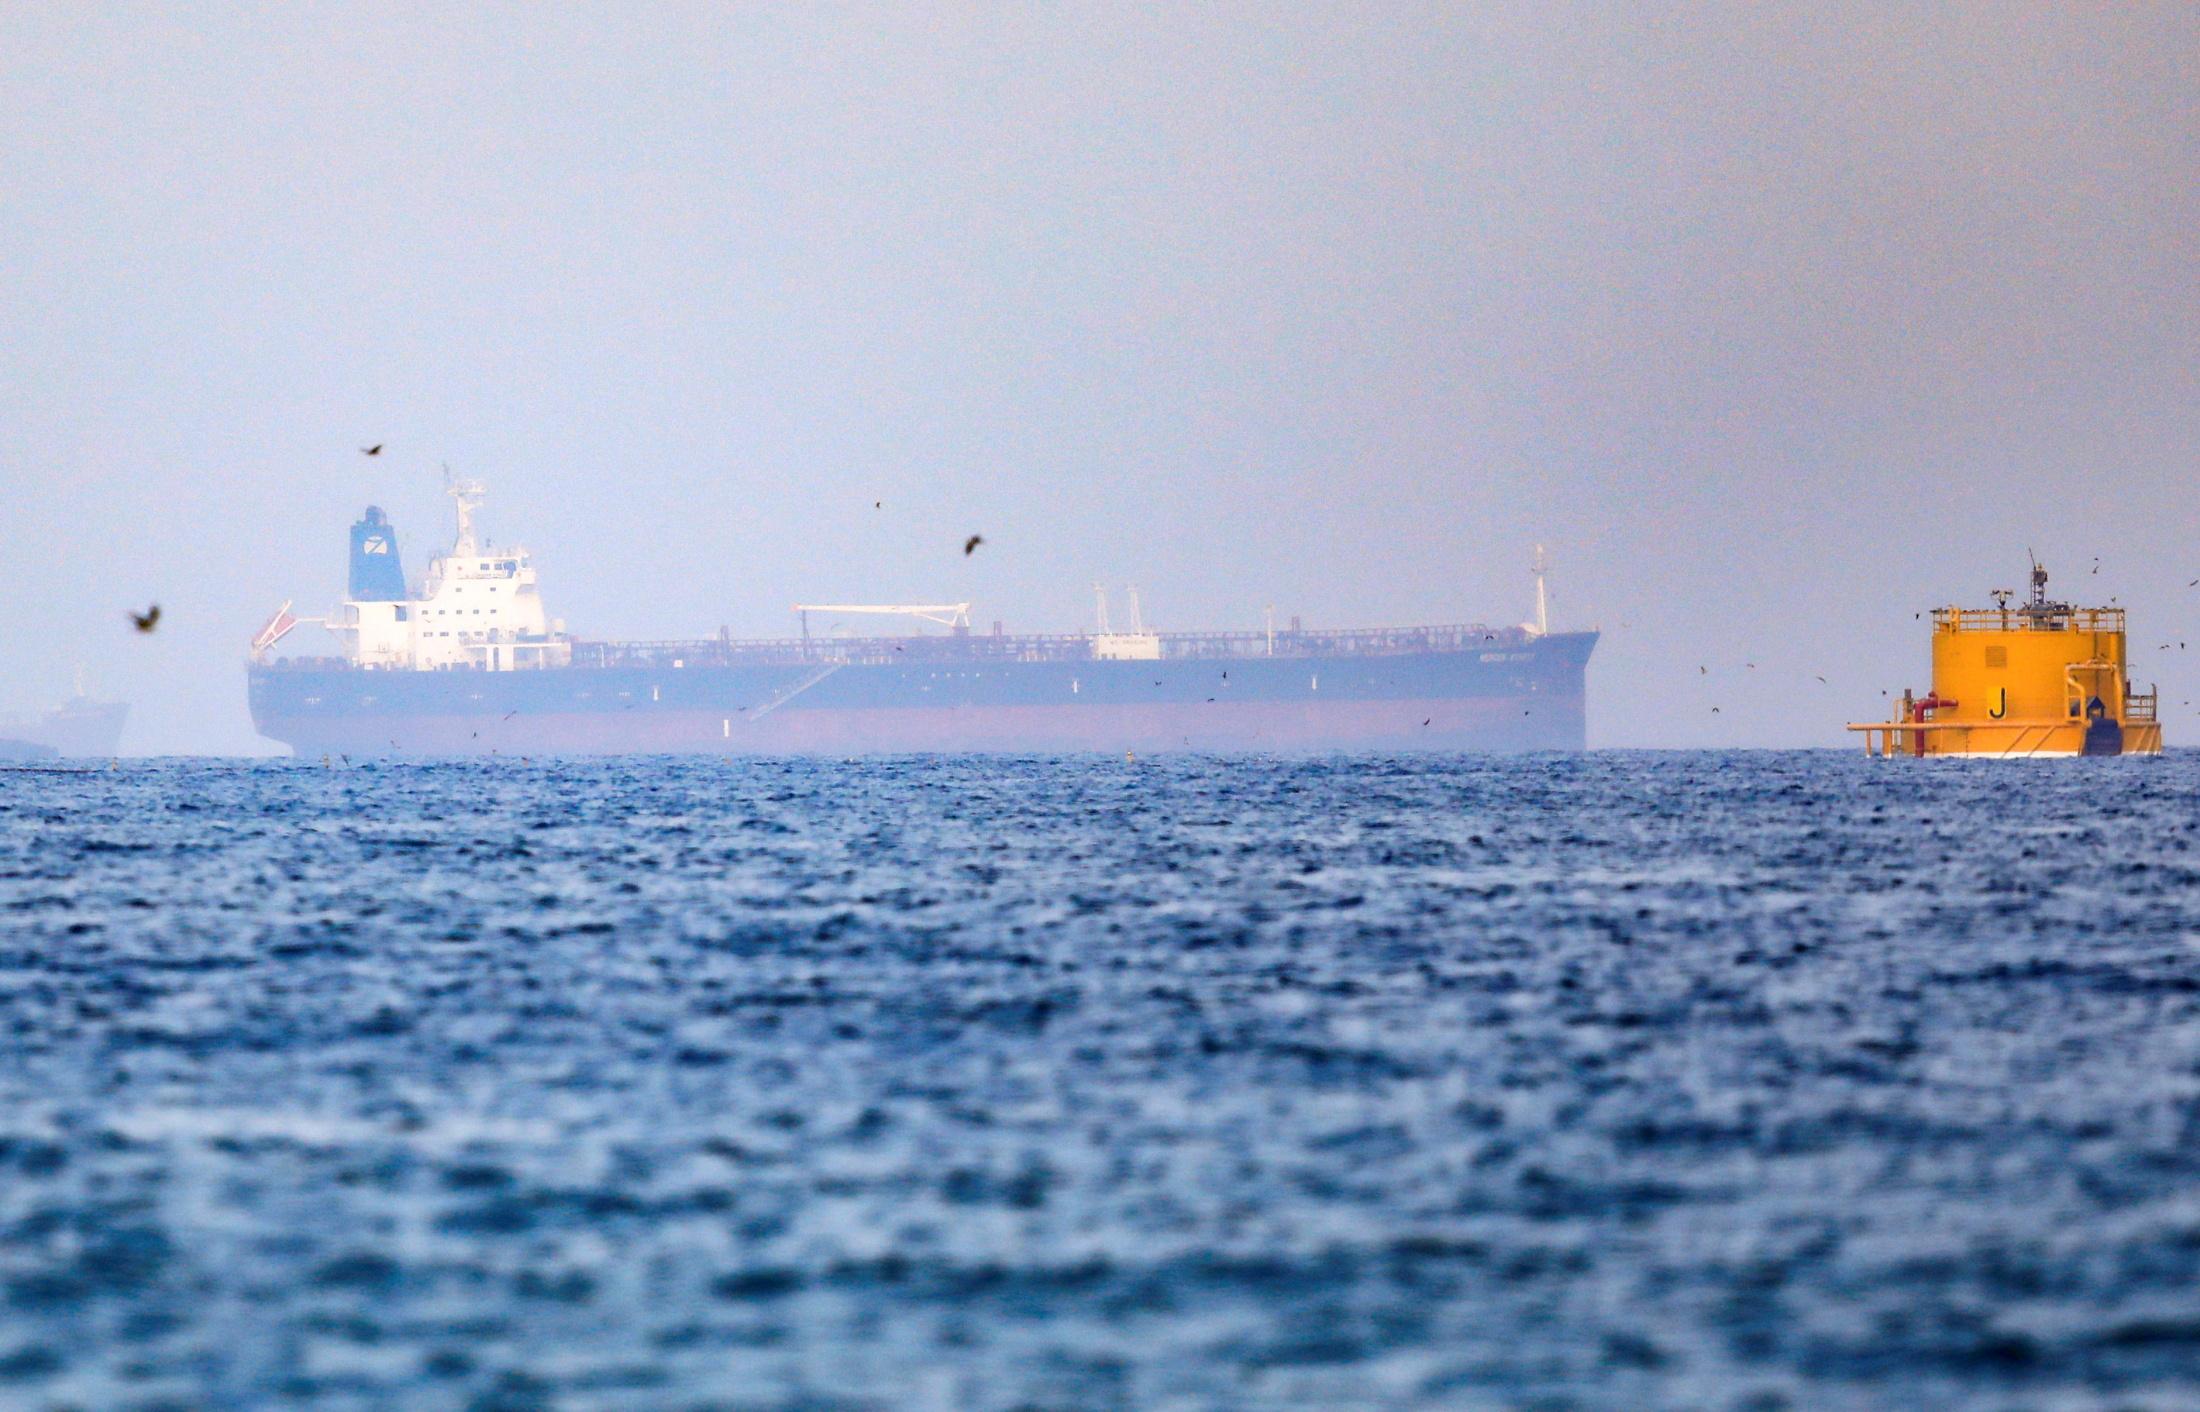 危うい状況にある日本の海運-中東におけるタンカー襲撃事件が示すもの(1)